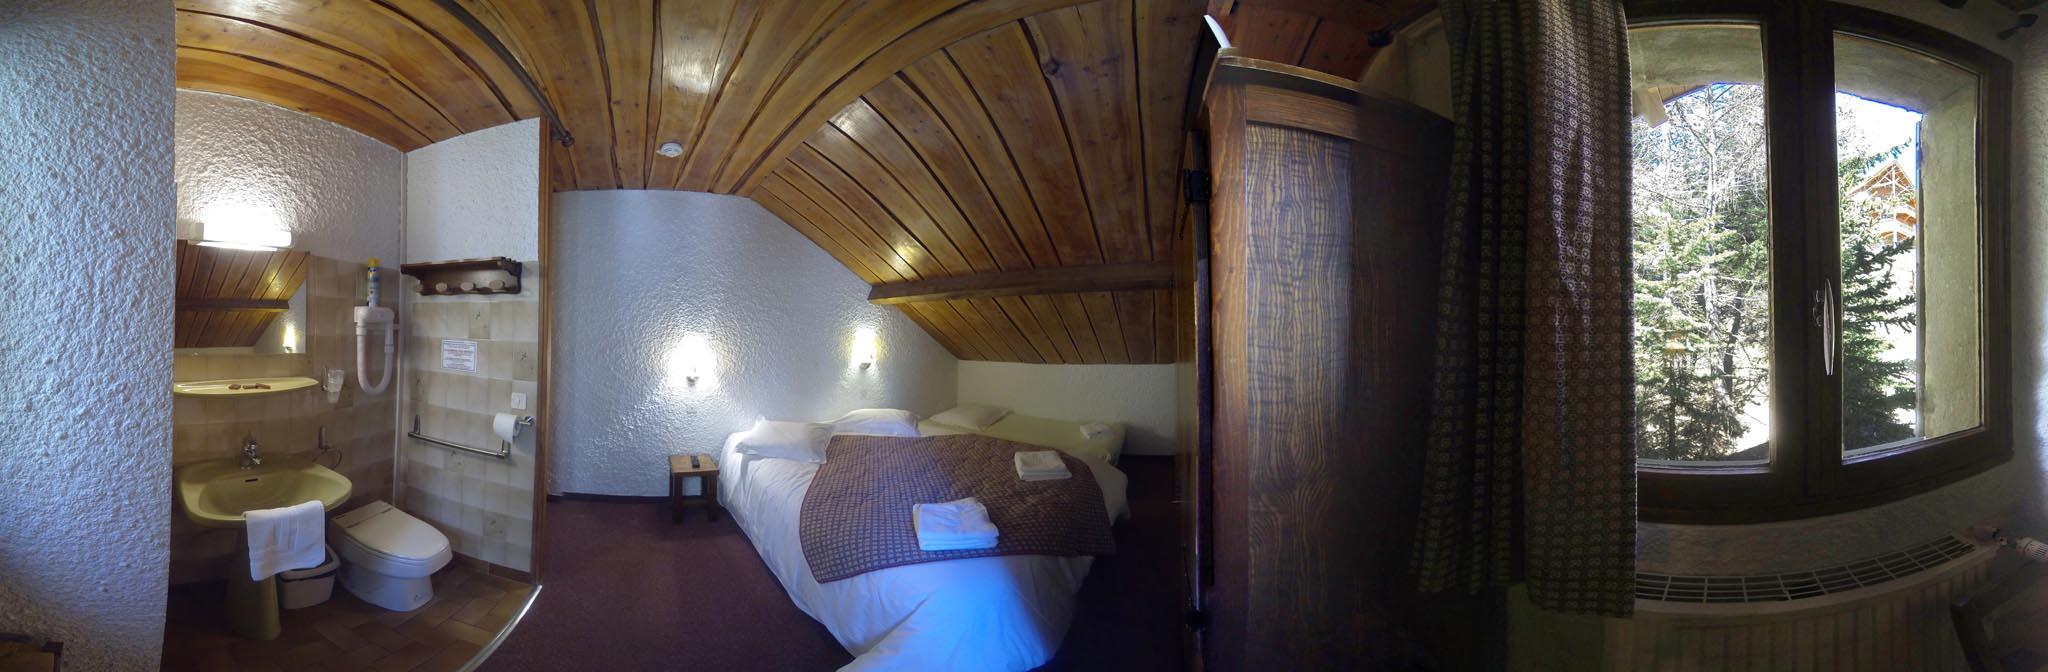 chambre n 10 mansard e lit double et lit d 39 appoint wc dans la chambre douche ext rieure. Black Bedroom Furniture Sets. Home Design Ideas